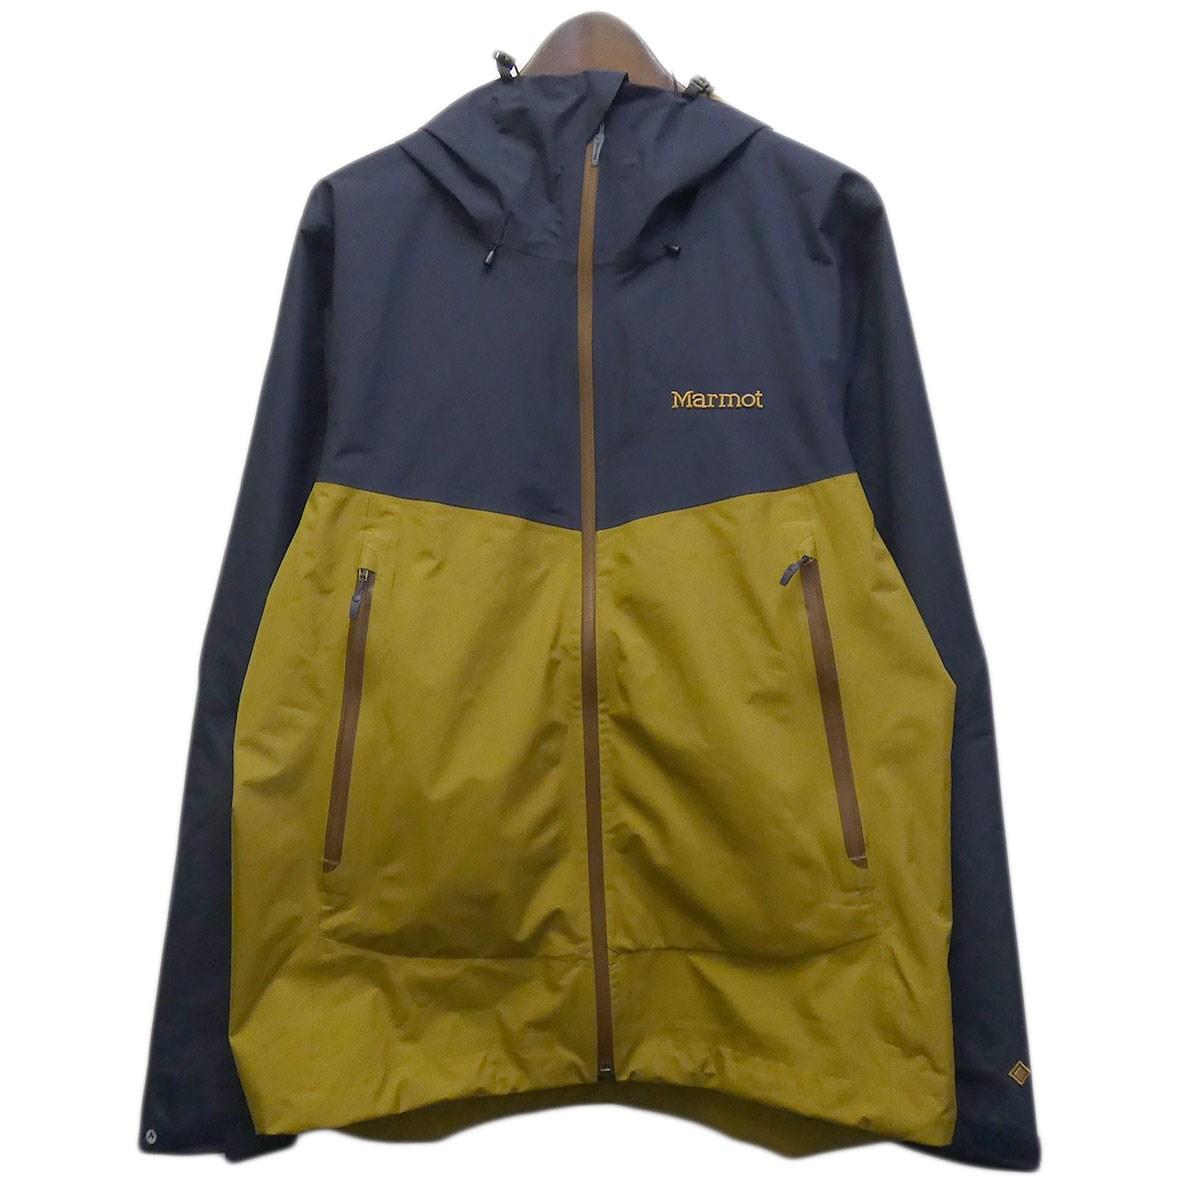 【中古】Marmot 「COMODO JACKET」 コモドジャケット ネイビー×マスタード サイズ:L 【270420】(マーモット)